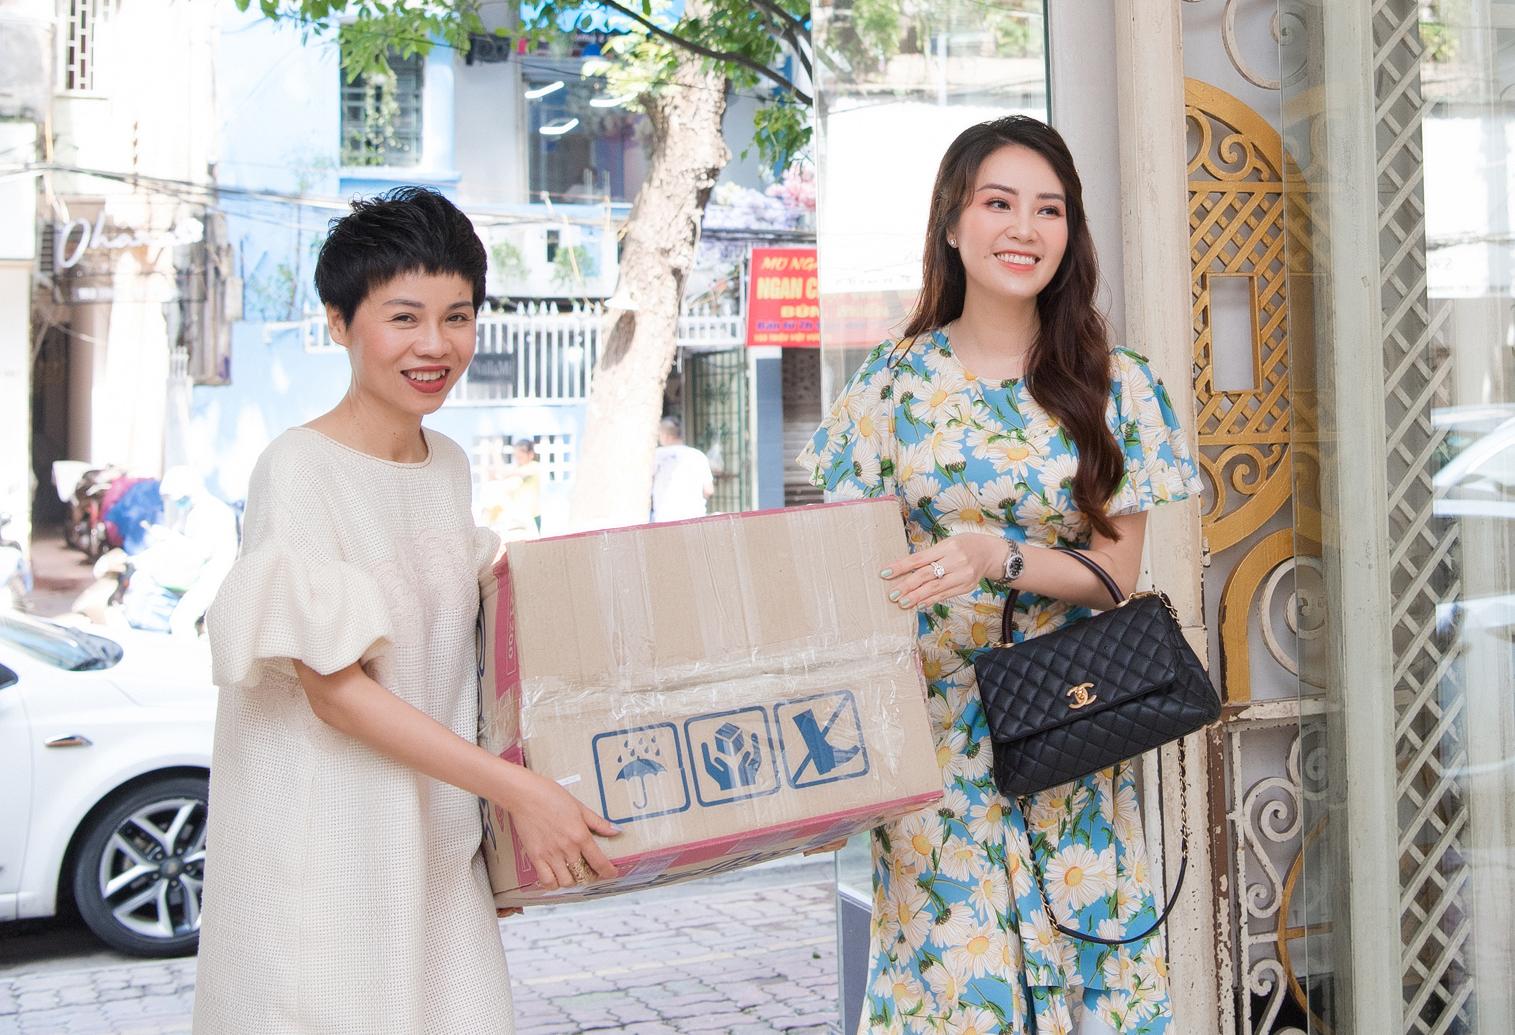 Á hậu Thụy Vân quyên góp trang phục cũ ủng hộ chiến dịch tái chế của NTK Xuân Lê - Ảnh 3.